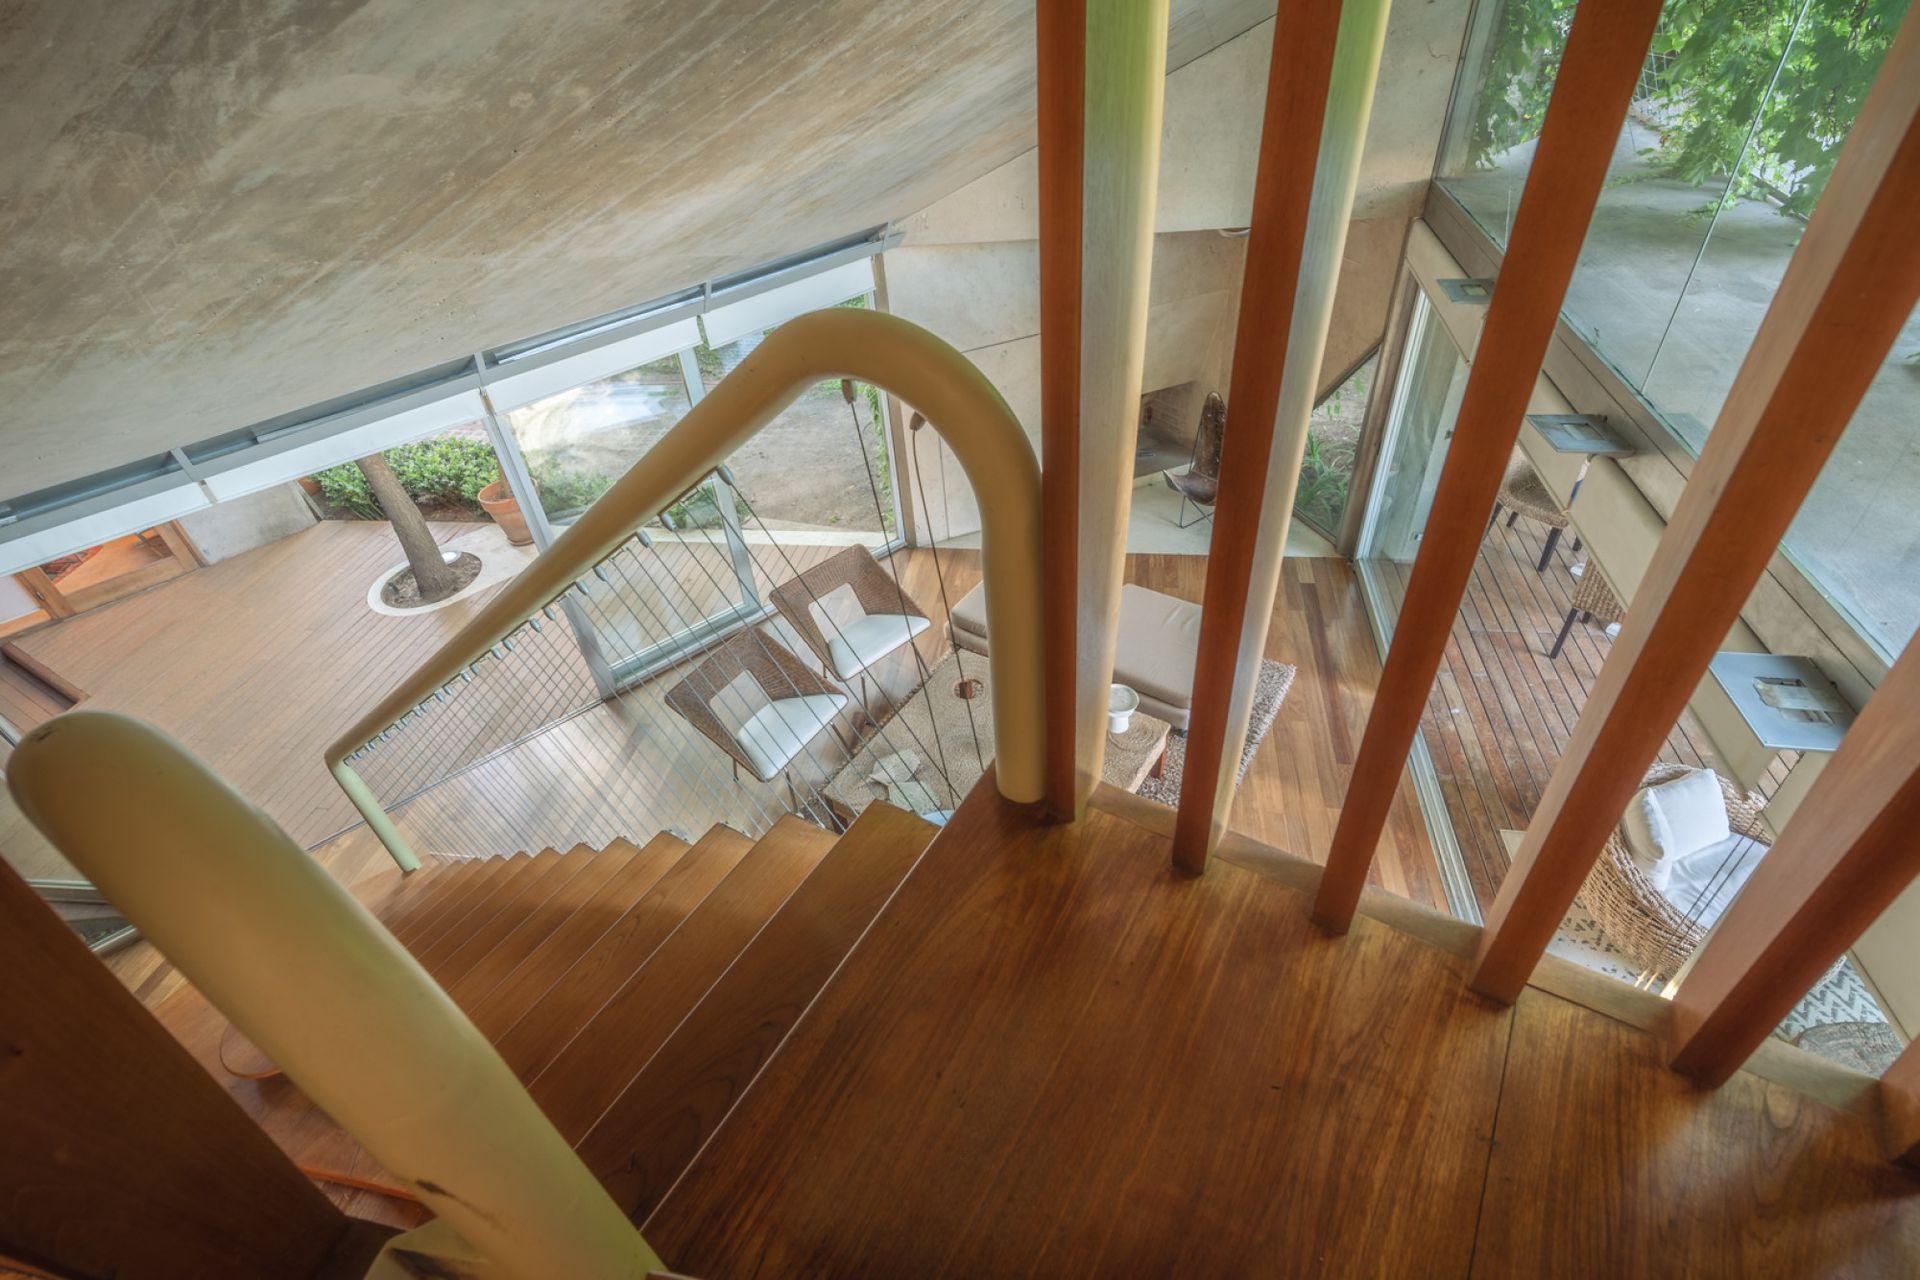 La llamativa escalera que conduce a las habitaciones de planta alta